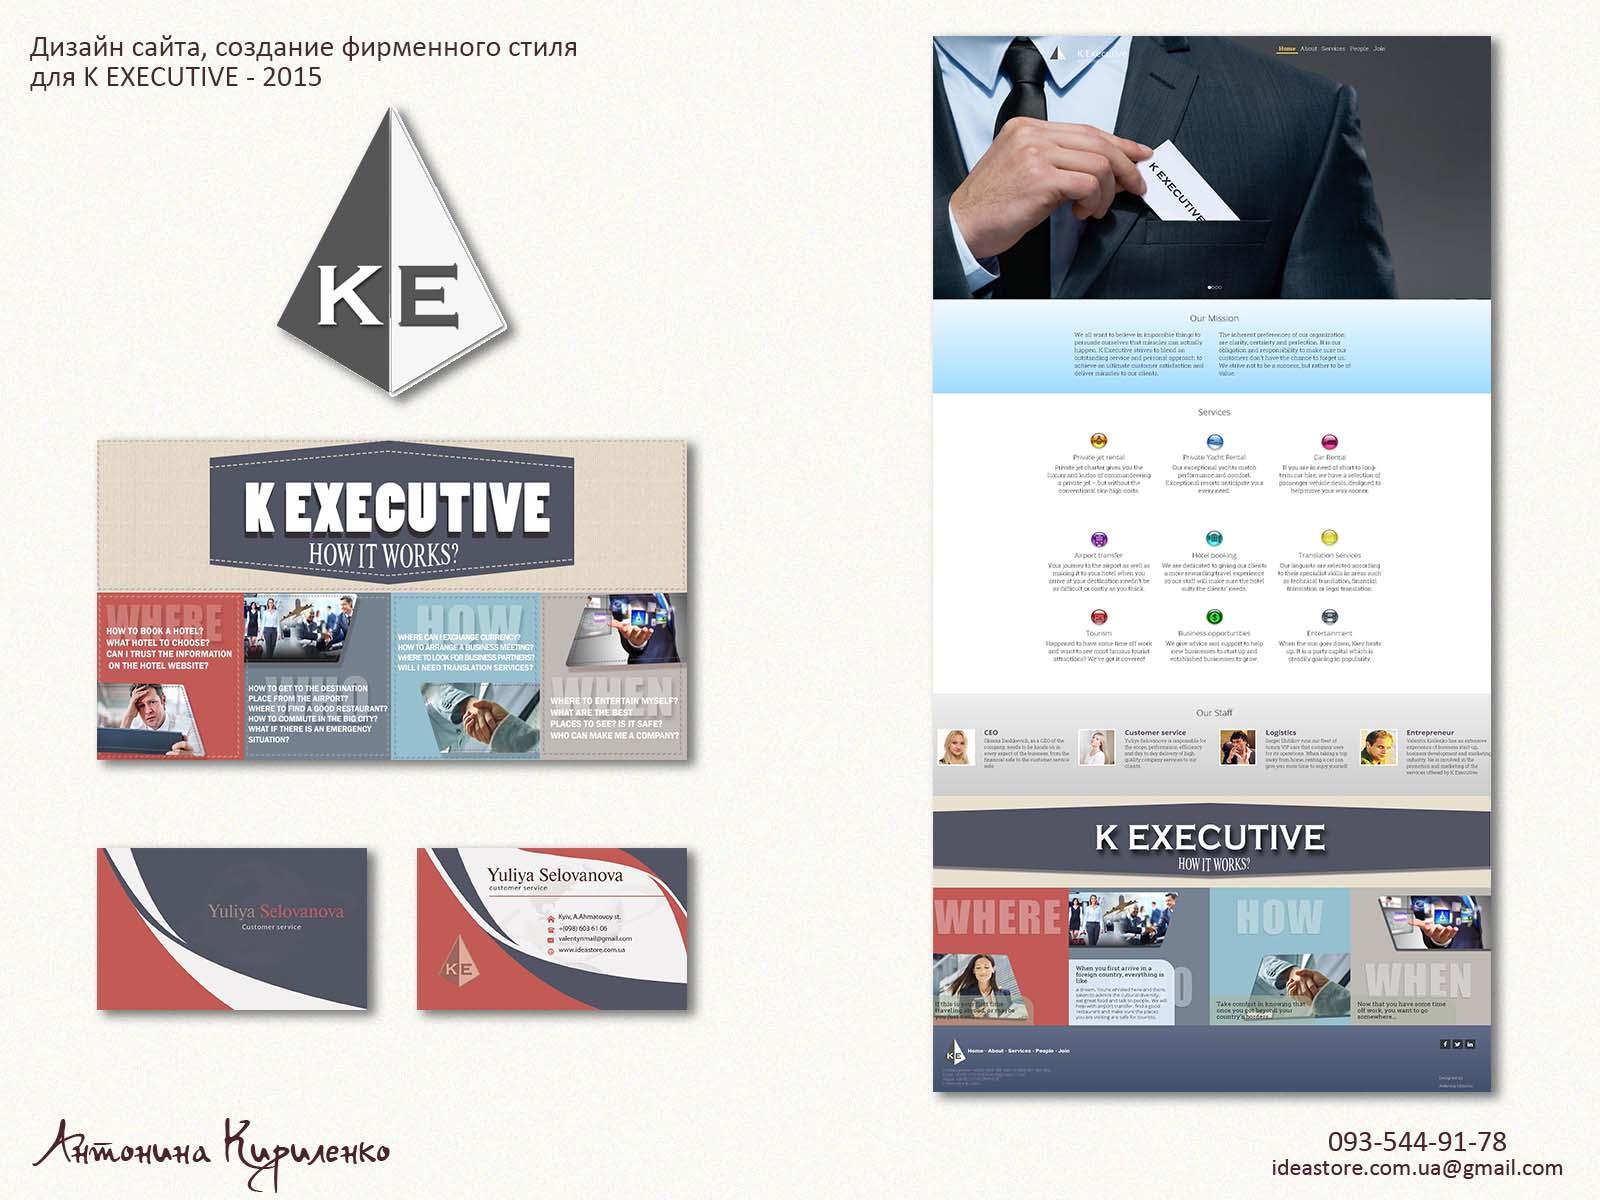 Дизайн сайта для K EXECUTIVE